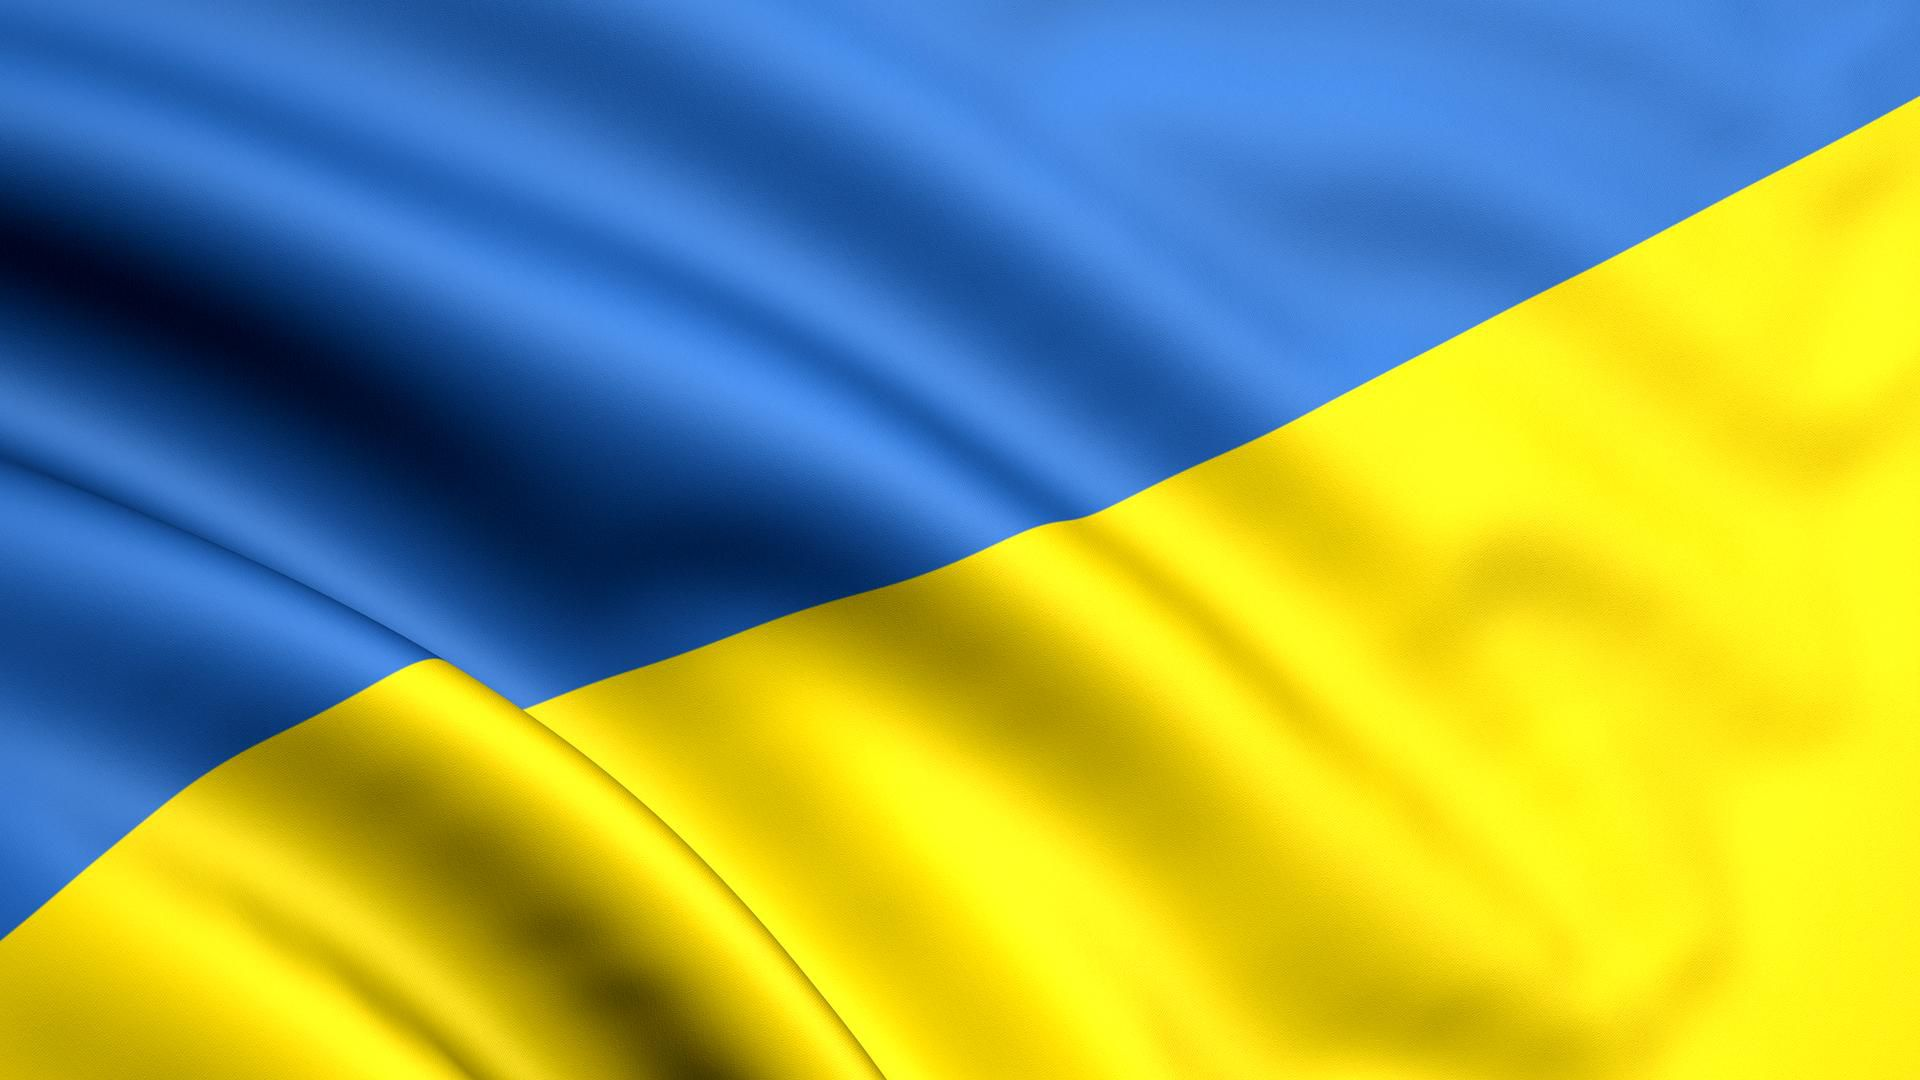 Закон України Про соціальну підтримку застрахованих осіб та суб'єктів господарювання на період здійснення обмежувальних протиепідемічних заходів, запроваджених з метою запобігання поширенню на території України гострої респіраторної хвороби COVID-19, спричиненої коронавірусом SARS-CoV-2